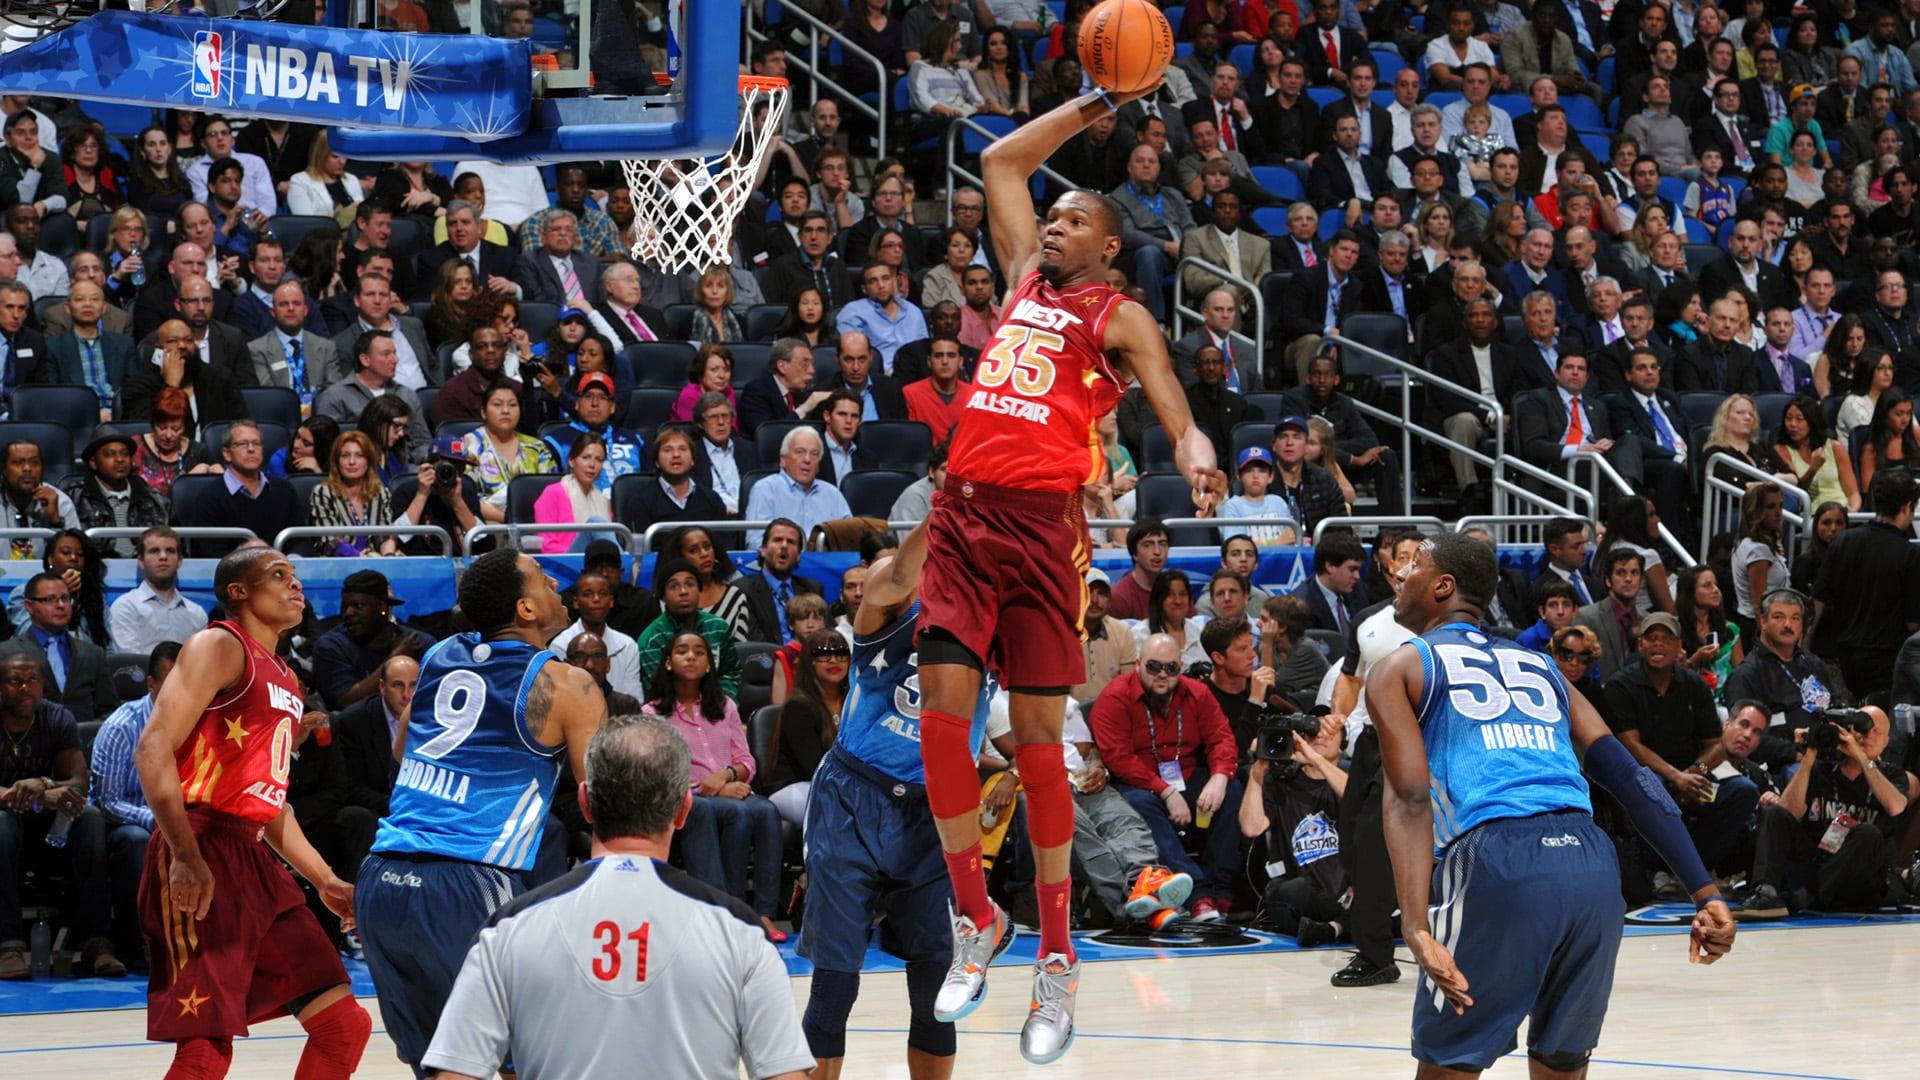 2012 NBA All-Star recap